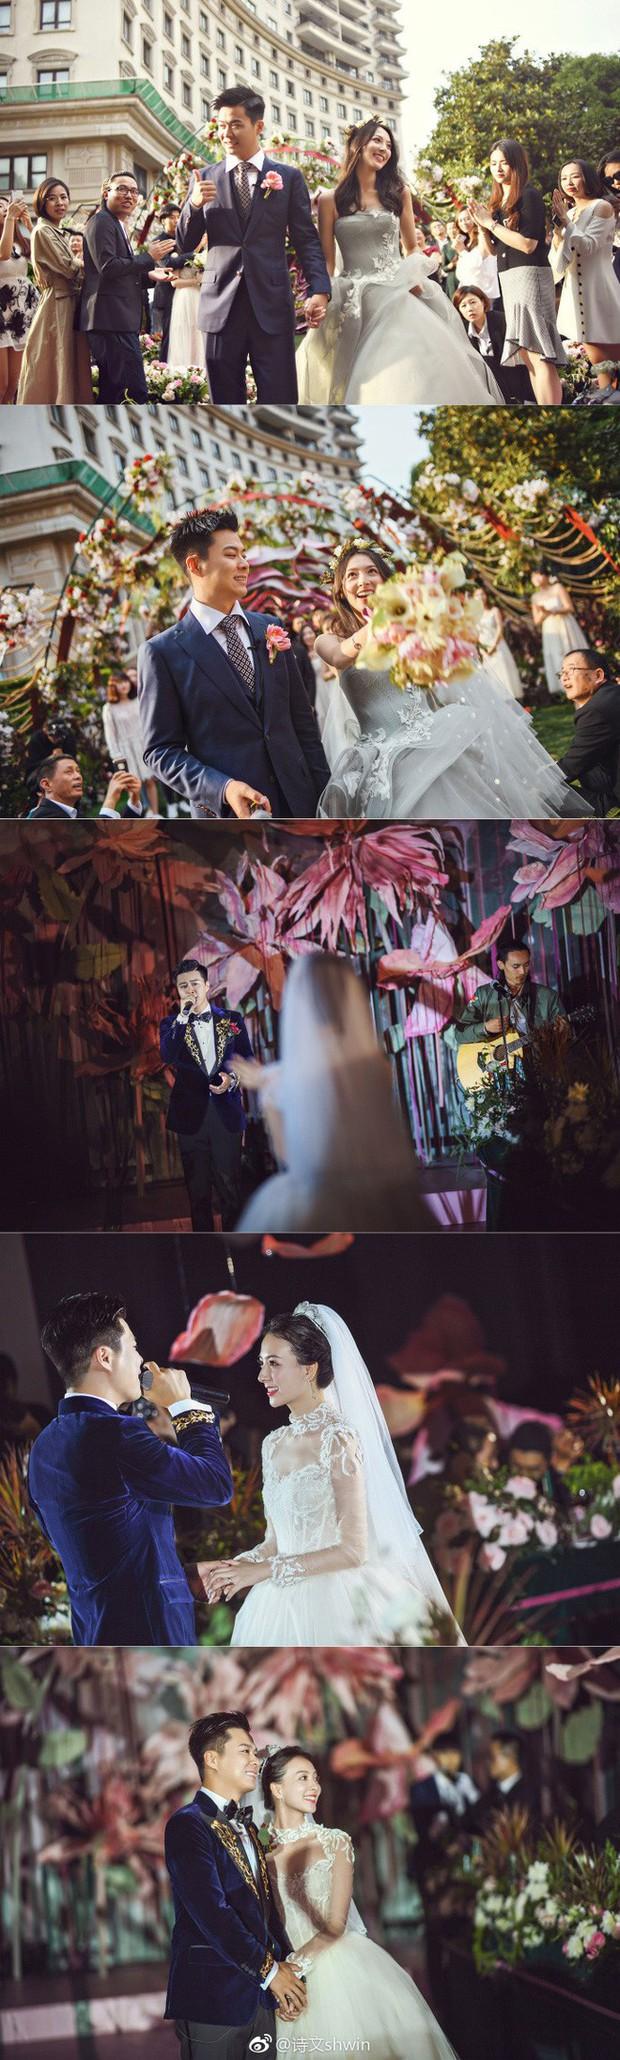 Những đám cưới cổ tích của dàn hot girl vạn người mê từng nổi đình nổi đám khắp Trung Quốc - Ảnh 7.